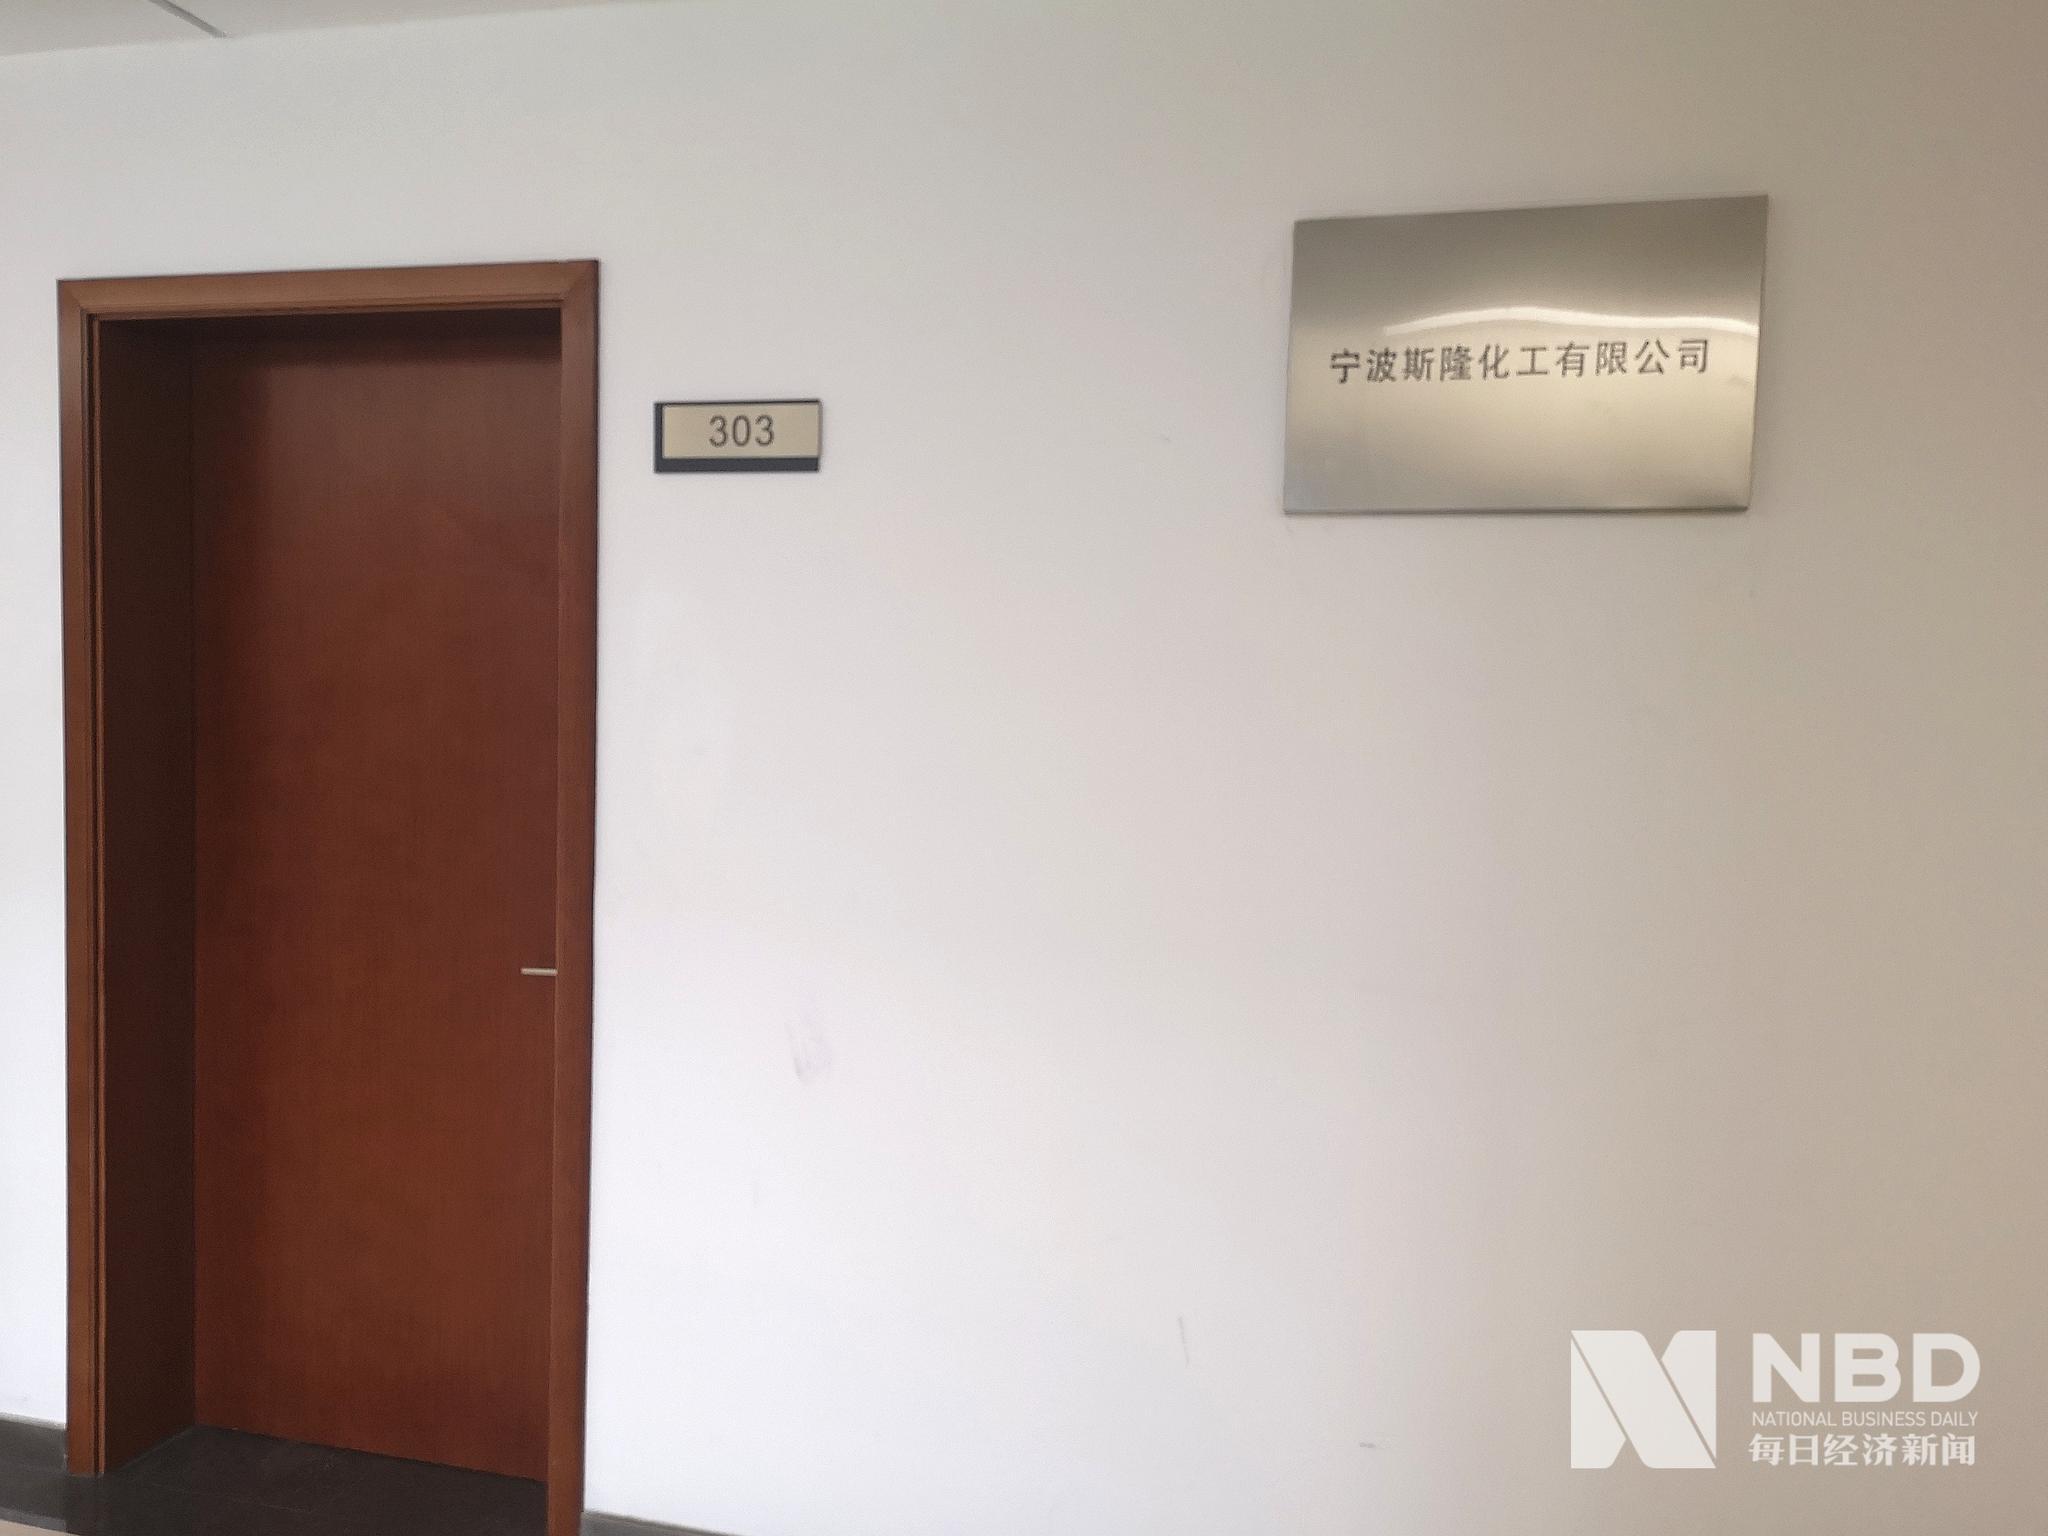 """宇新股份闯关IPO:应收账款大客户工商资料""""无迹可寻"""""""